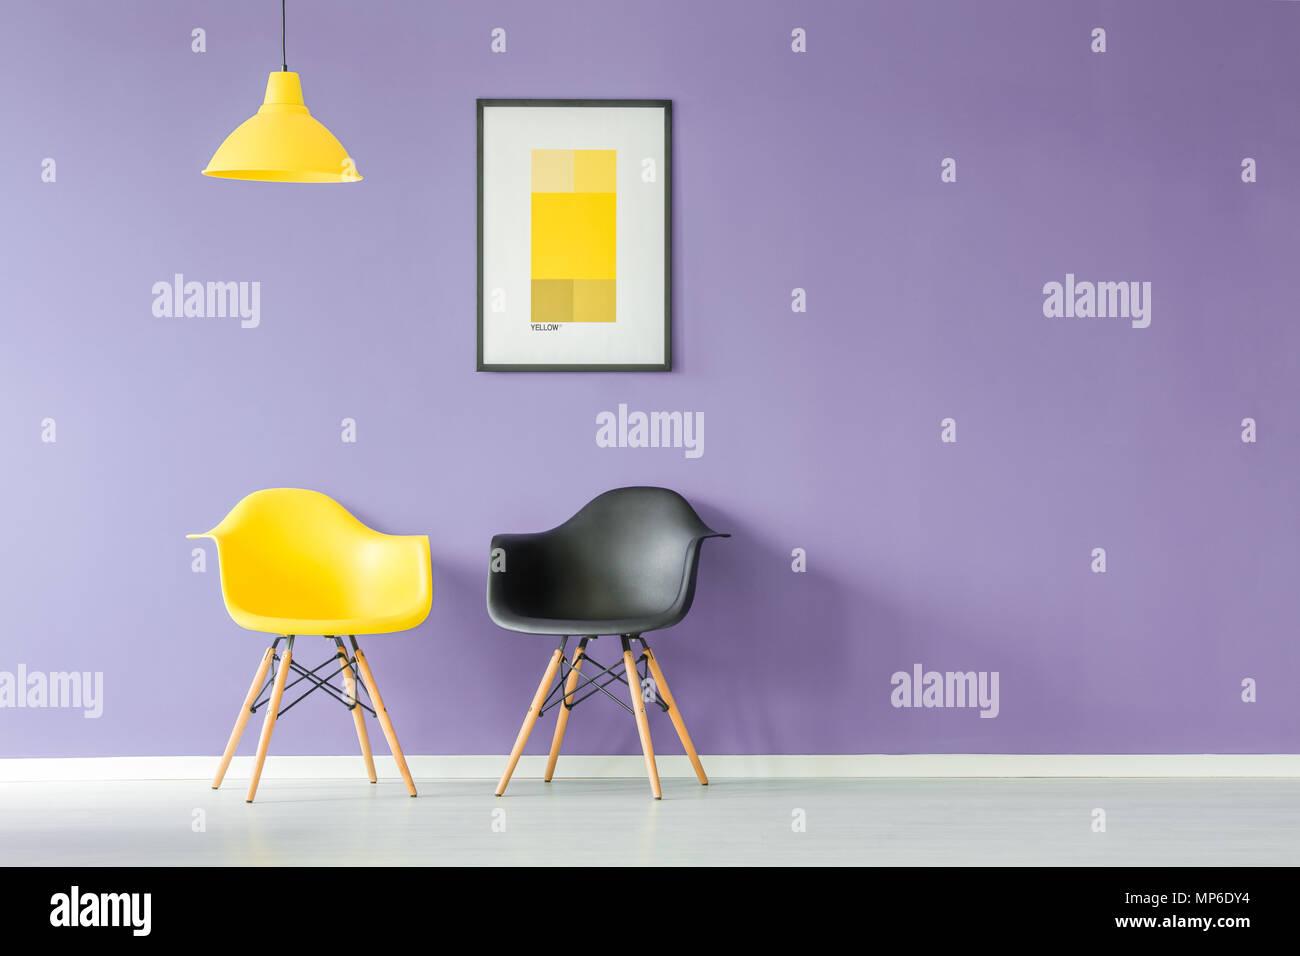 Vorderansicht der kontrastierenden Farbe, gelb und schwarz Stühle ...